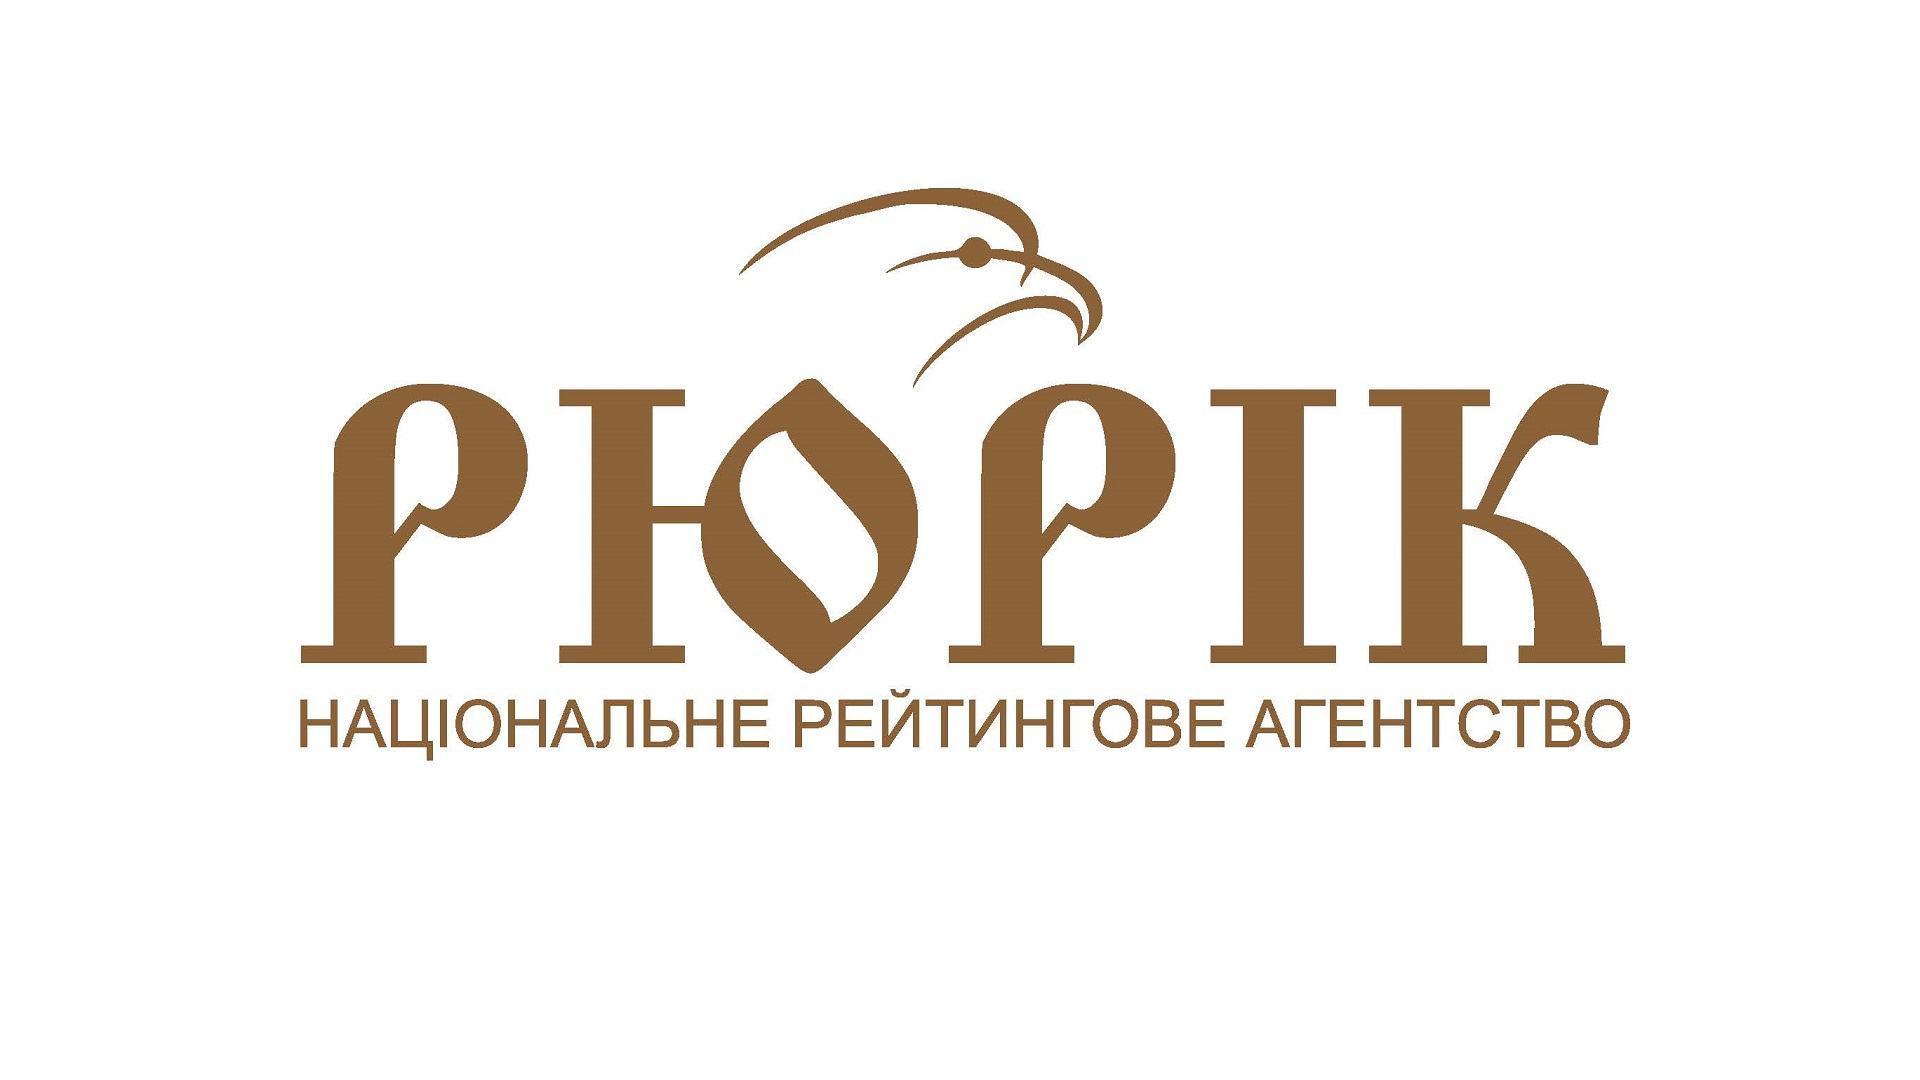 ВИСОКІ РЕЙТИНГИ ПІДТВЕРДЖЕНО! - фото - mtb.ua